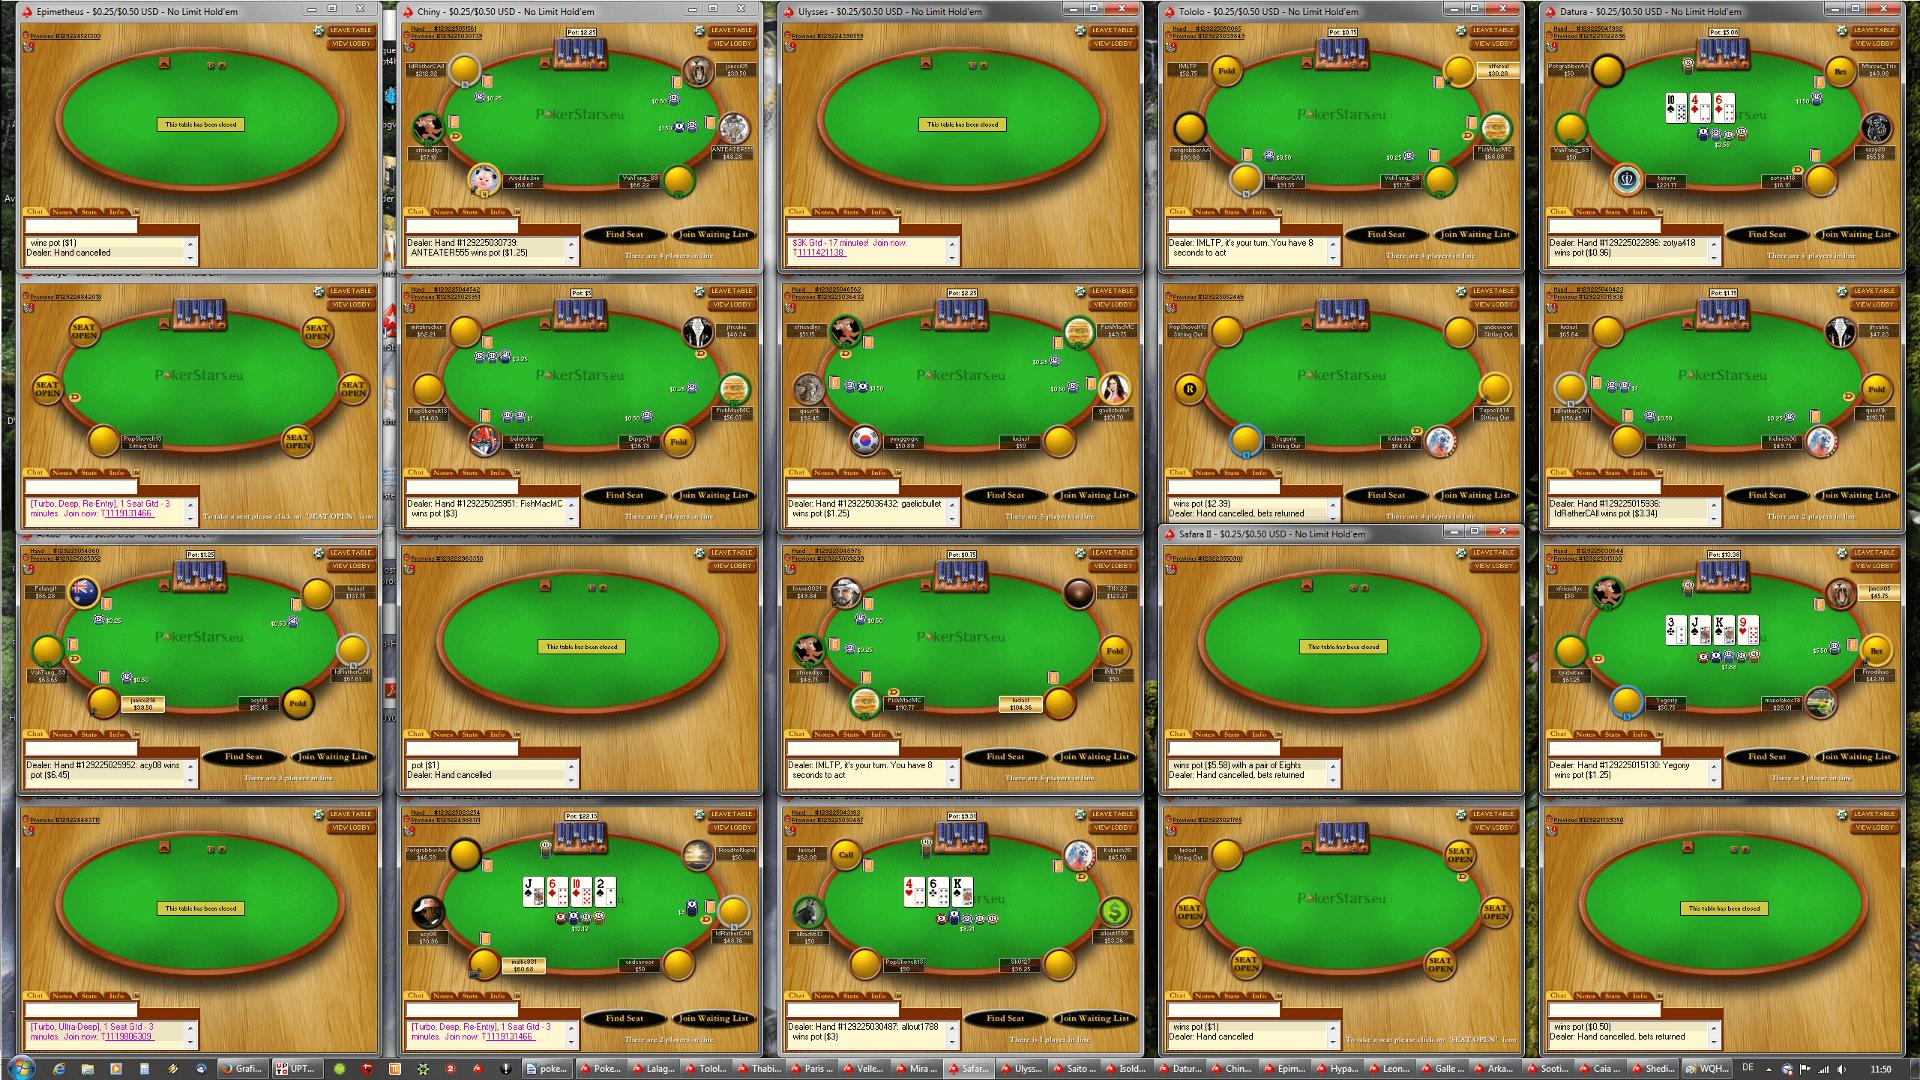 Poker Tischanordnung - WQHD(5x4)